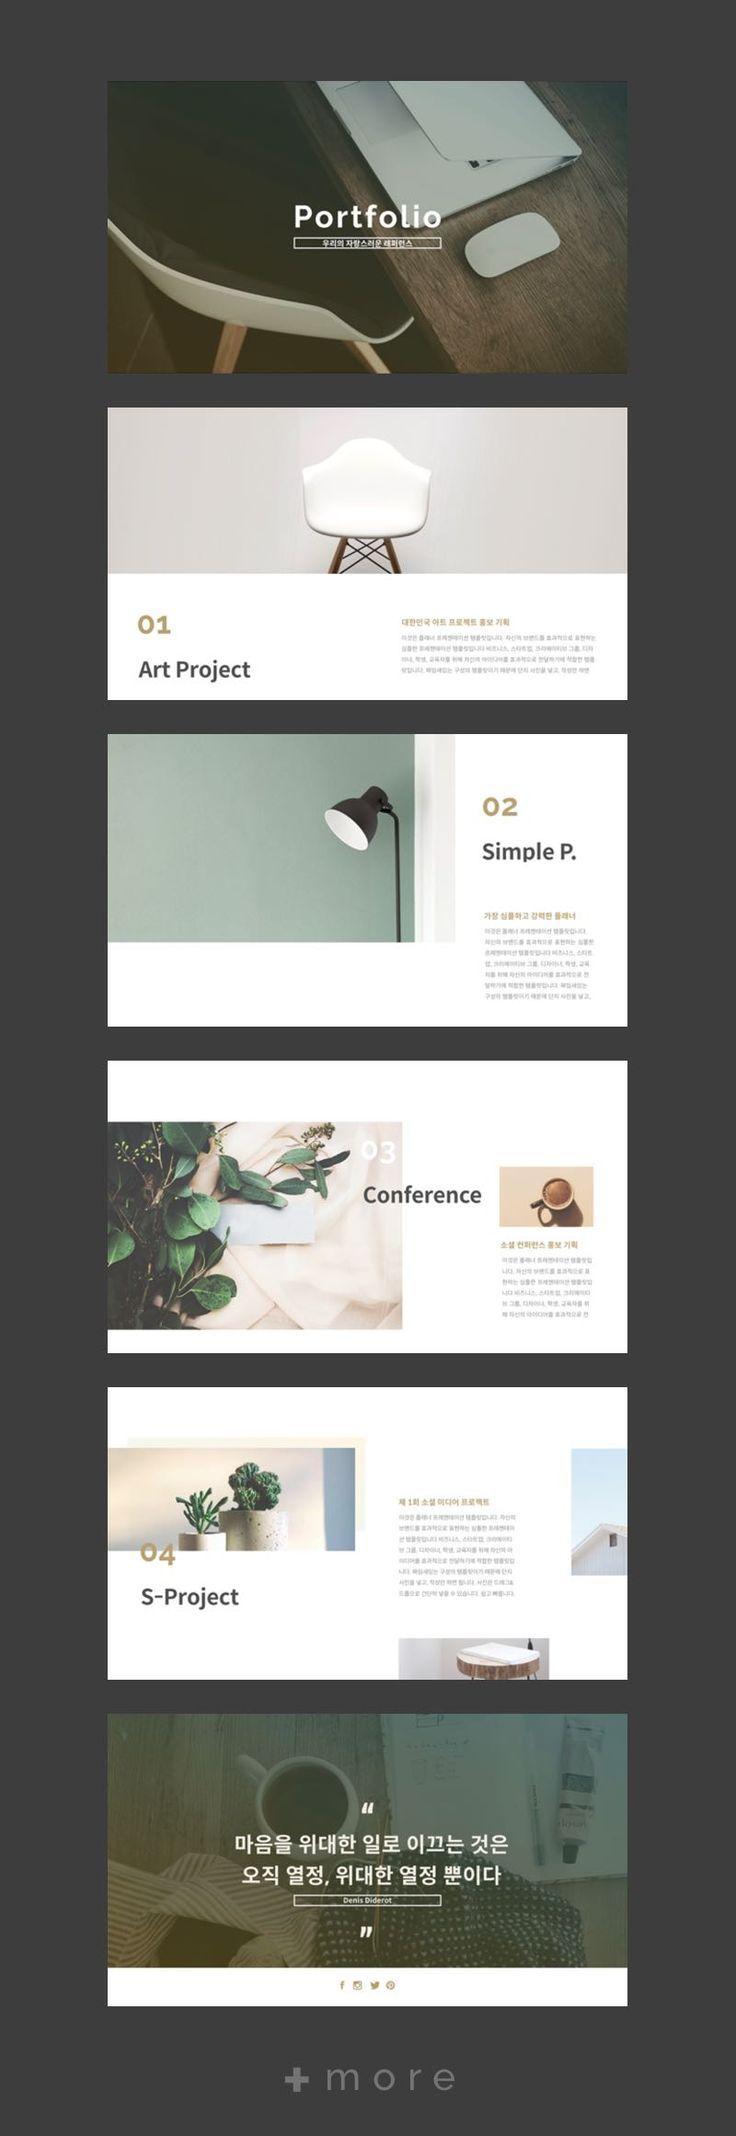 Simple layout design ideas #simple #minimal #ppt #…